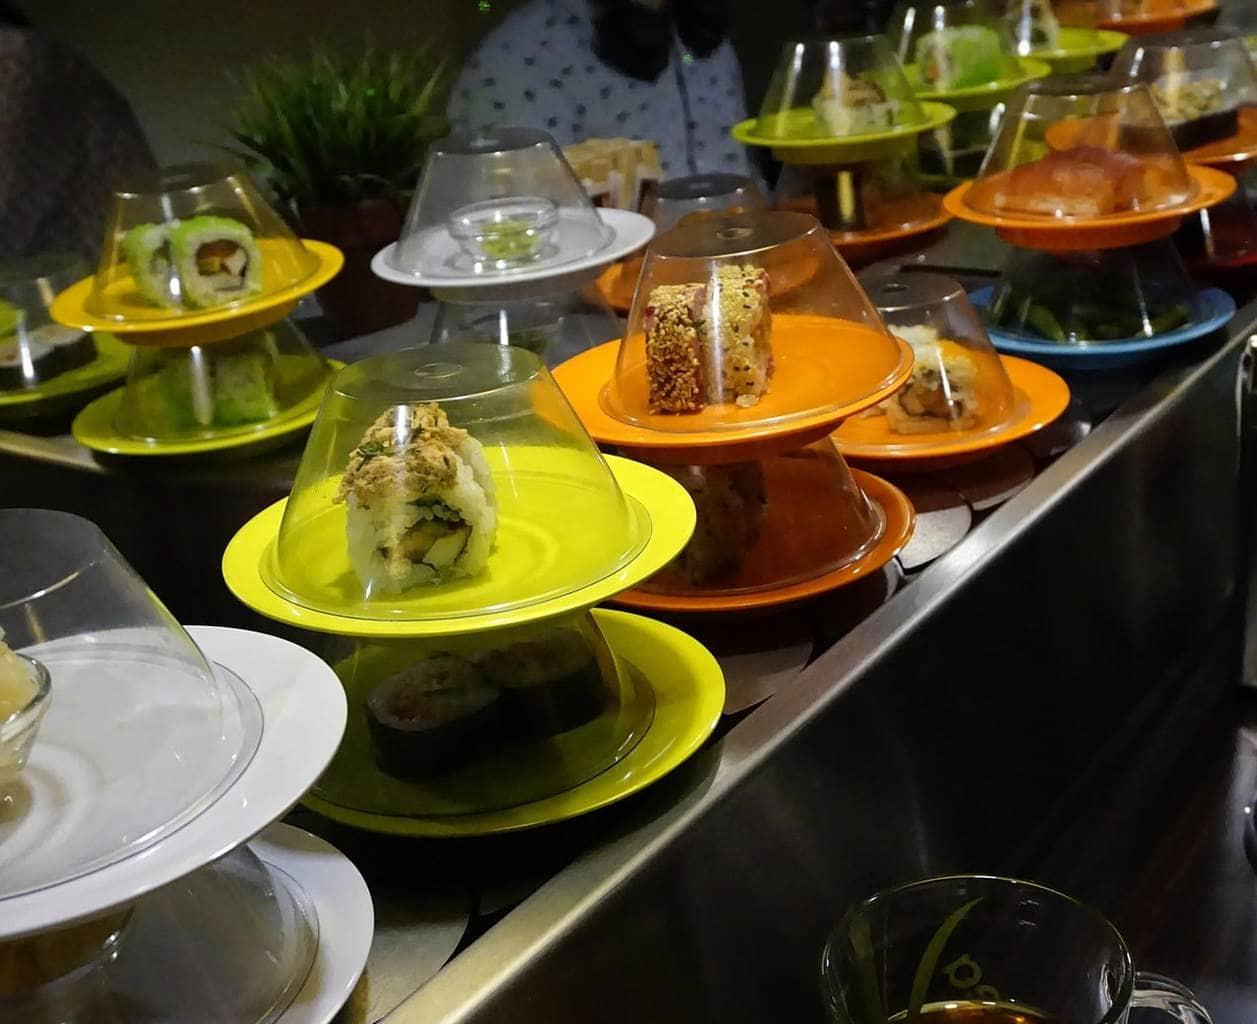 Kaiten sushi or conveyor belt sushi